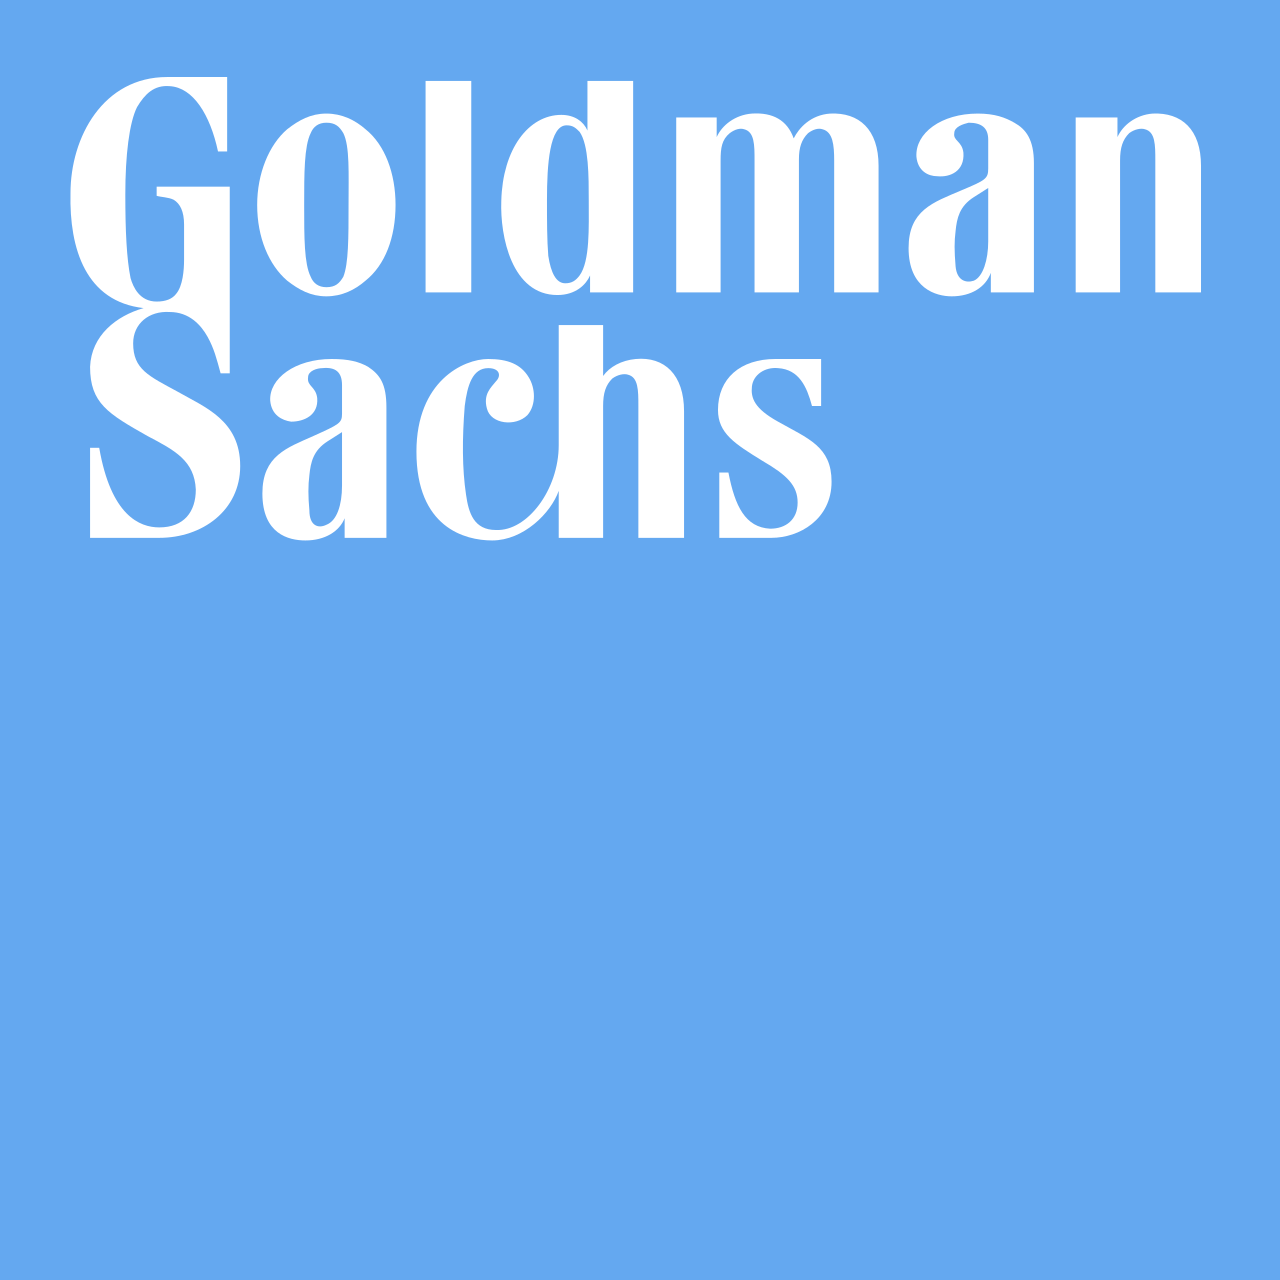 goldman.png